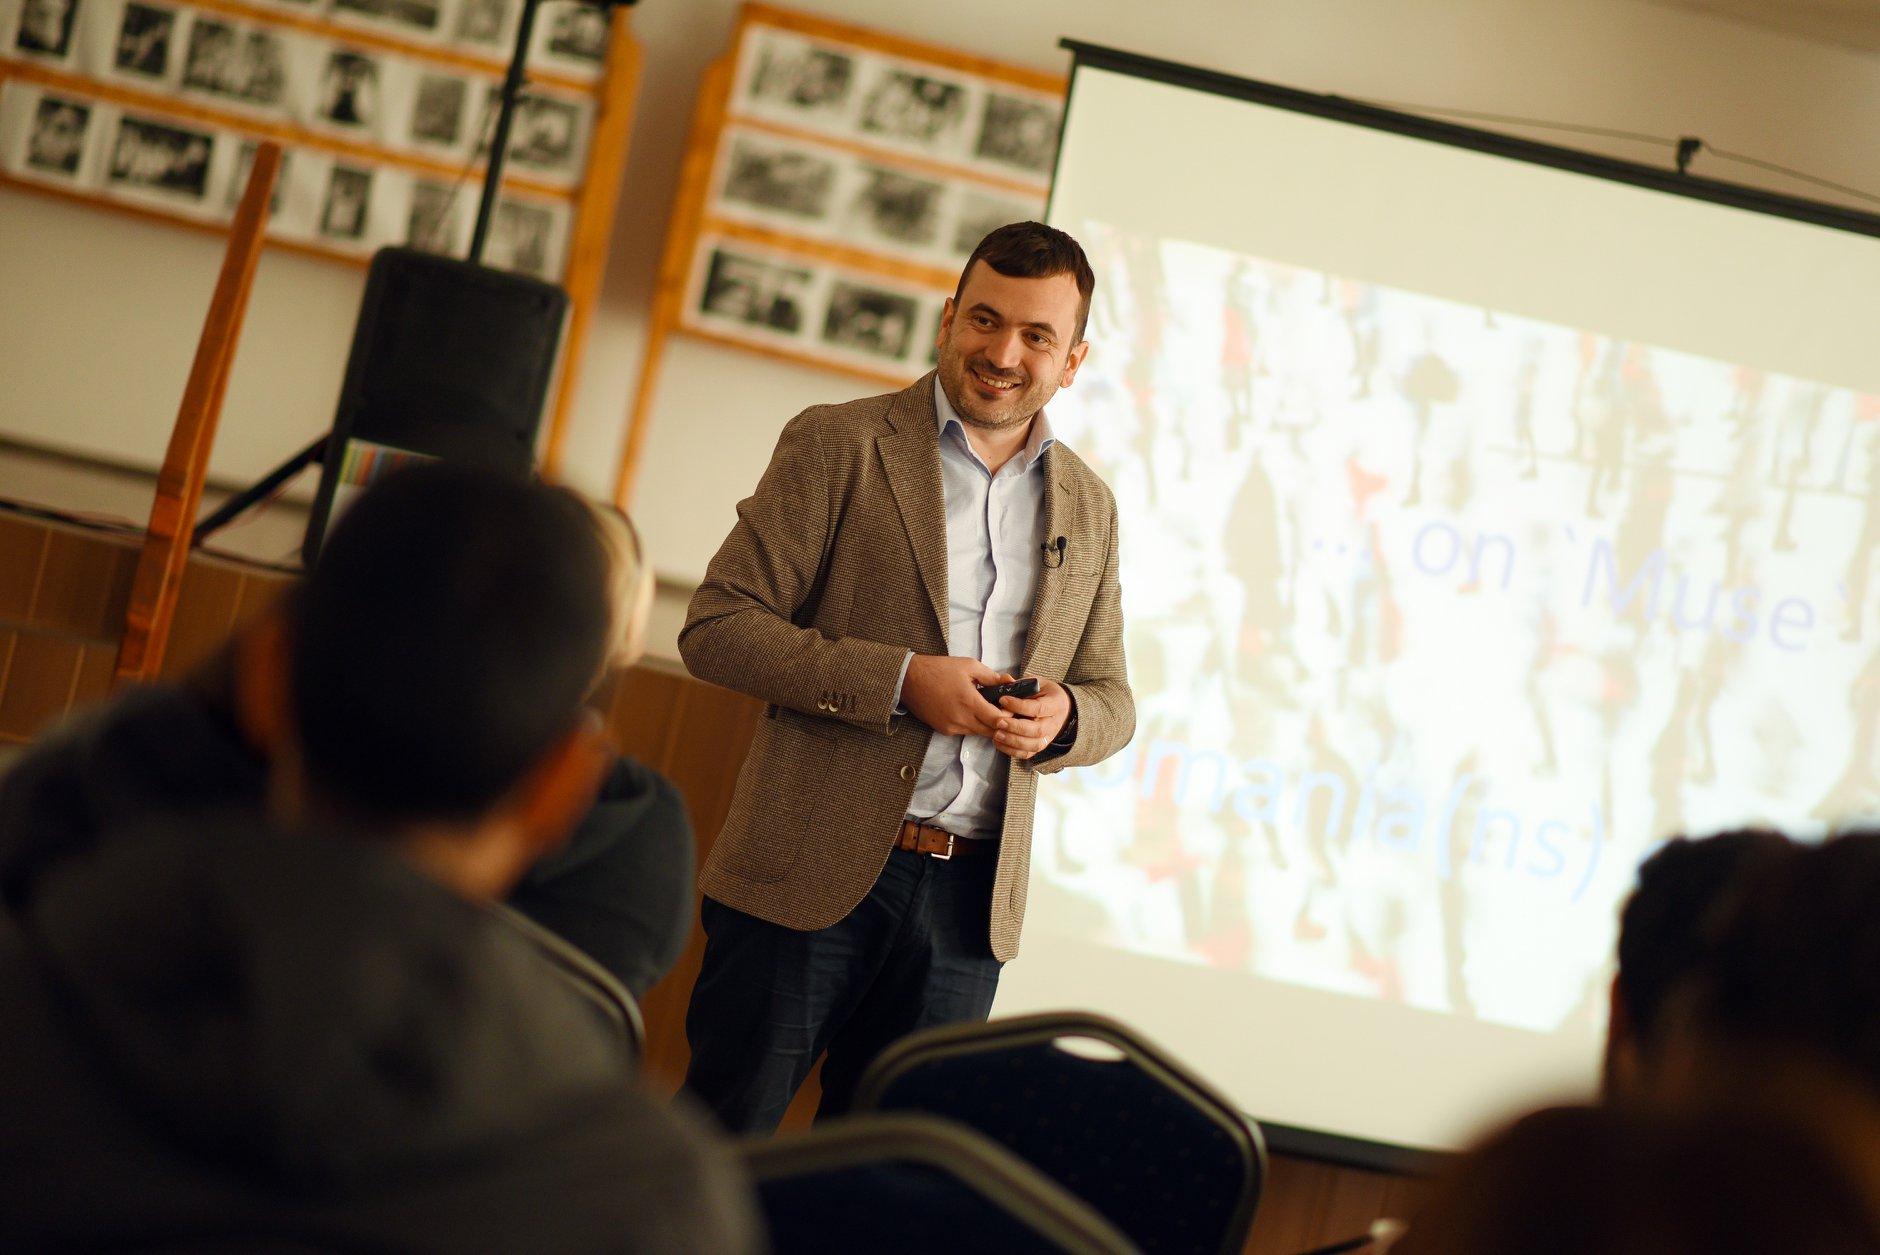 Cămine în Mișcare, workshop Alexandru Drăgan